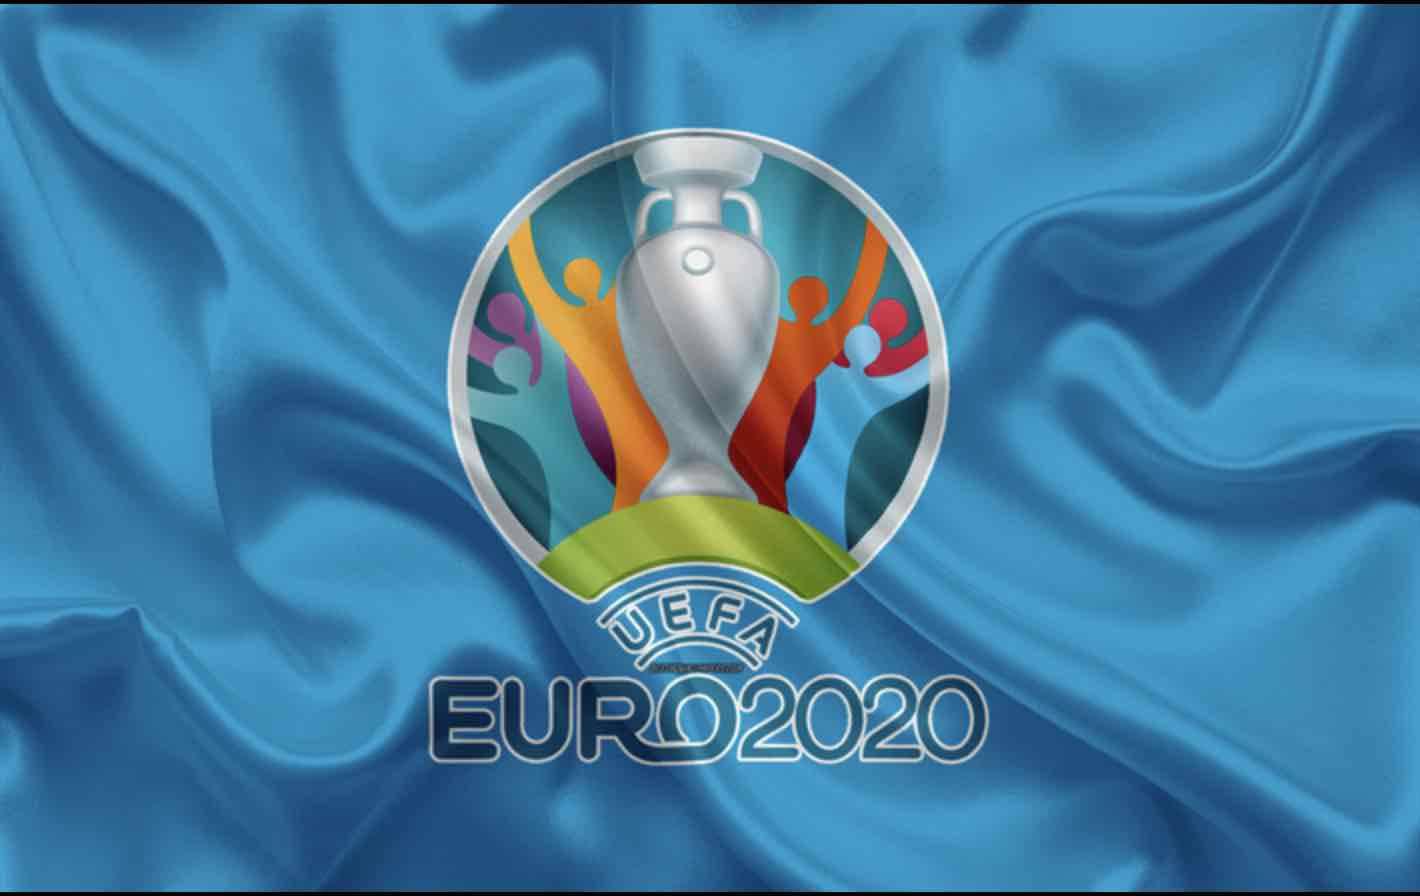 Calendario Europei2020.Europei 2020 Qualificazioni Sorteggi E Molto Altro Ancora